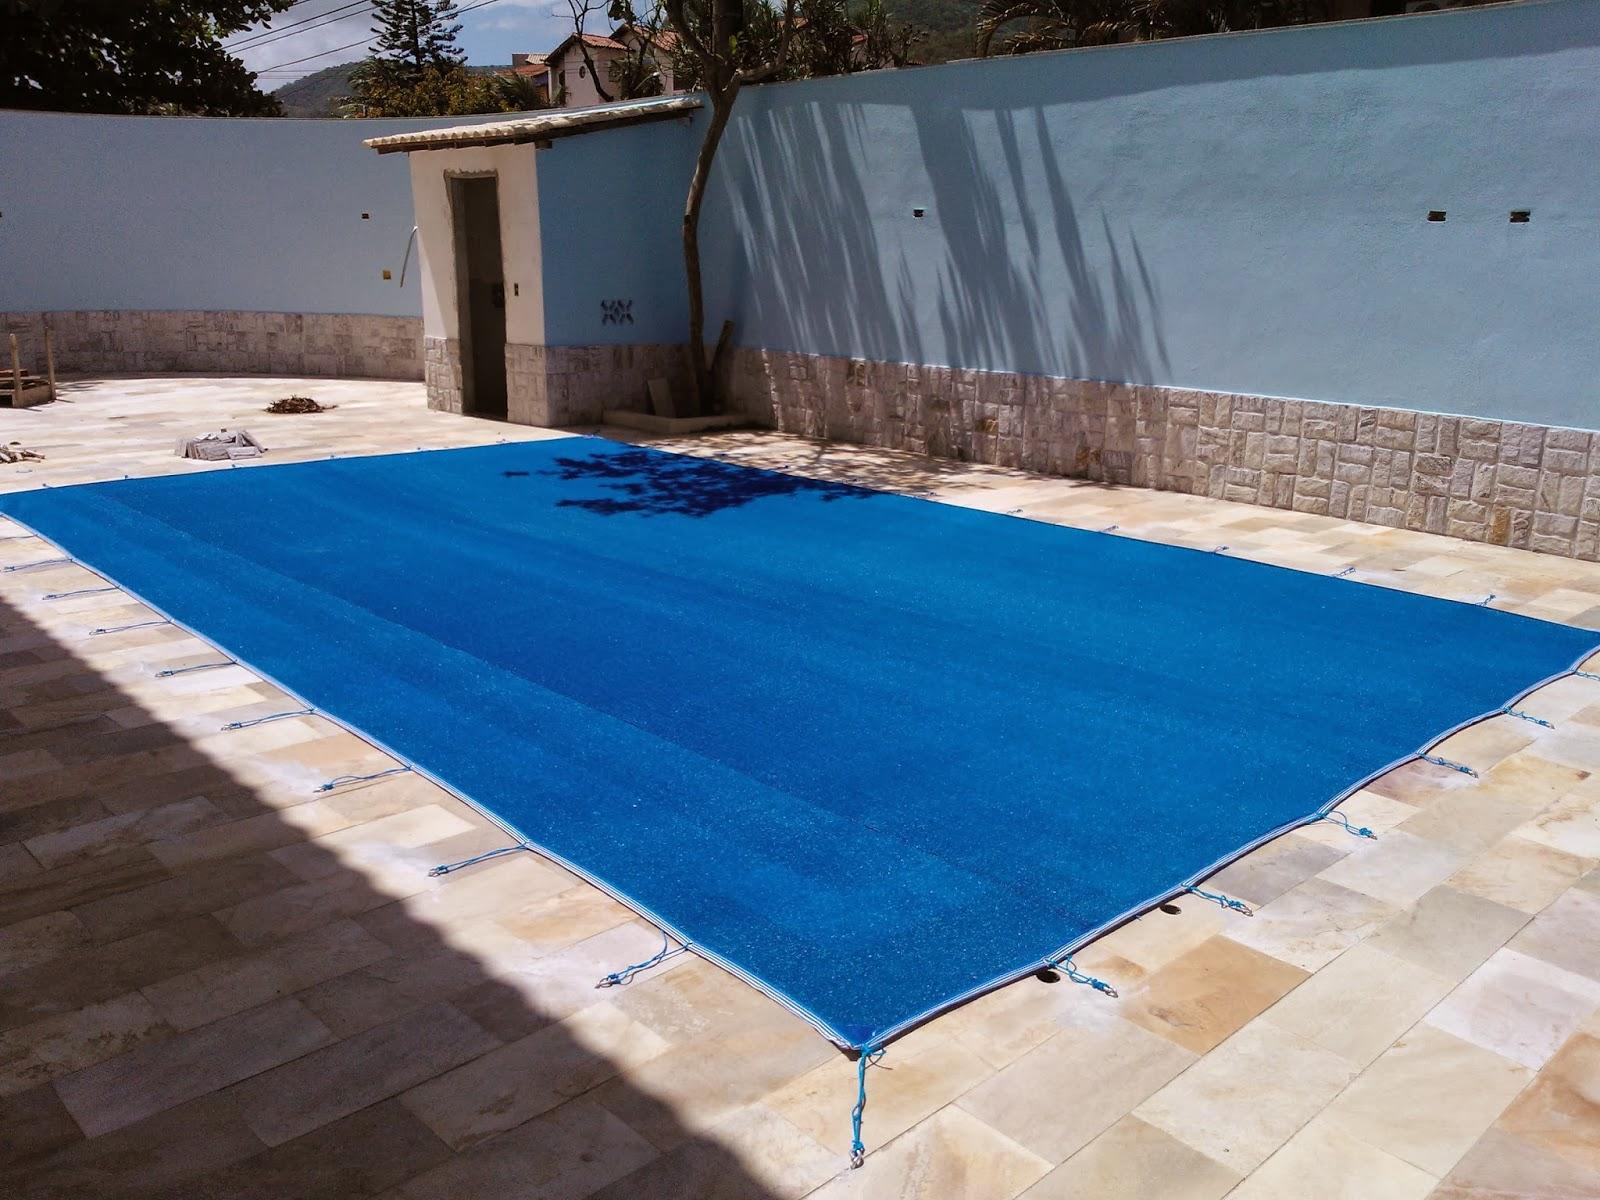 capas para piscinas rj lonas de prote o para piscina